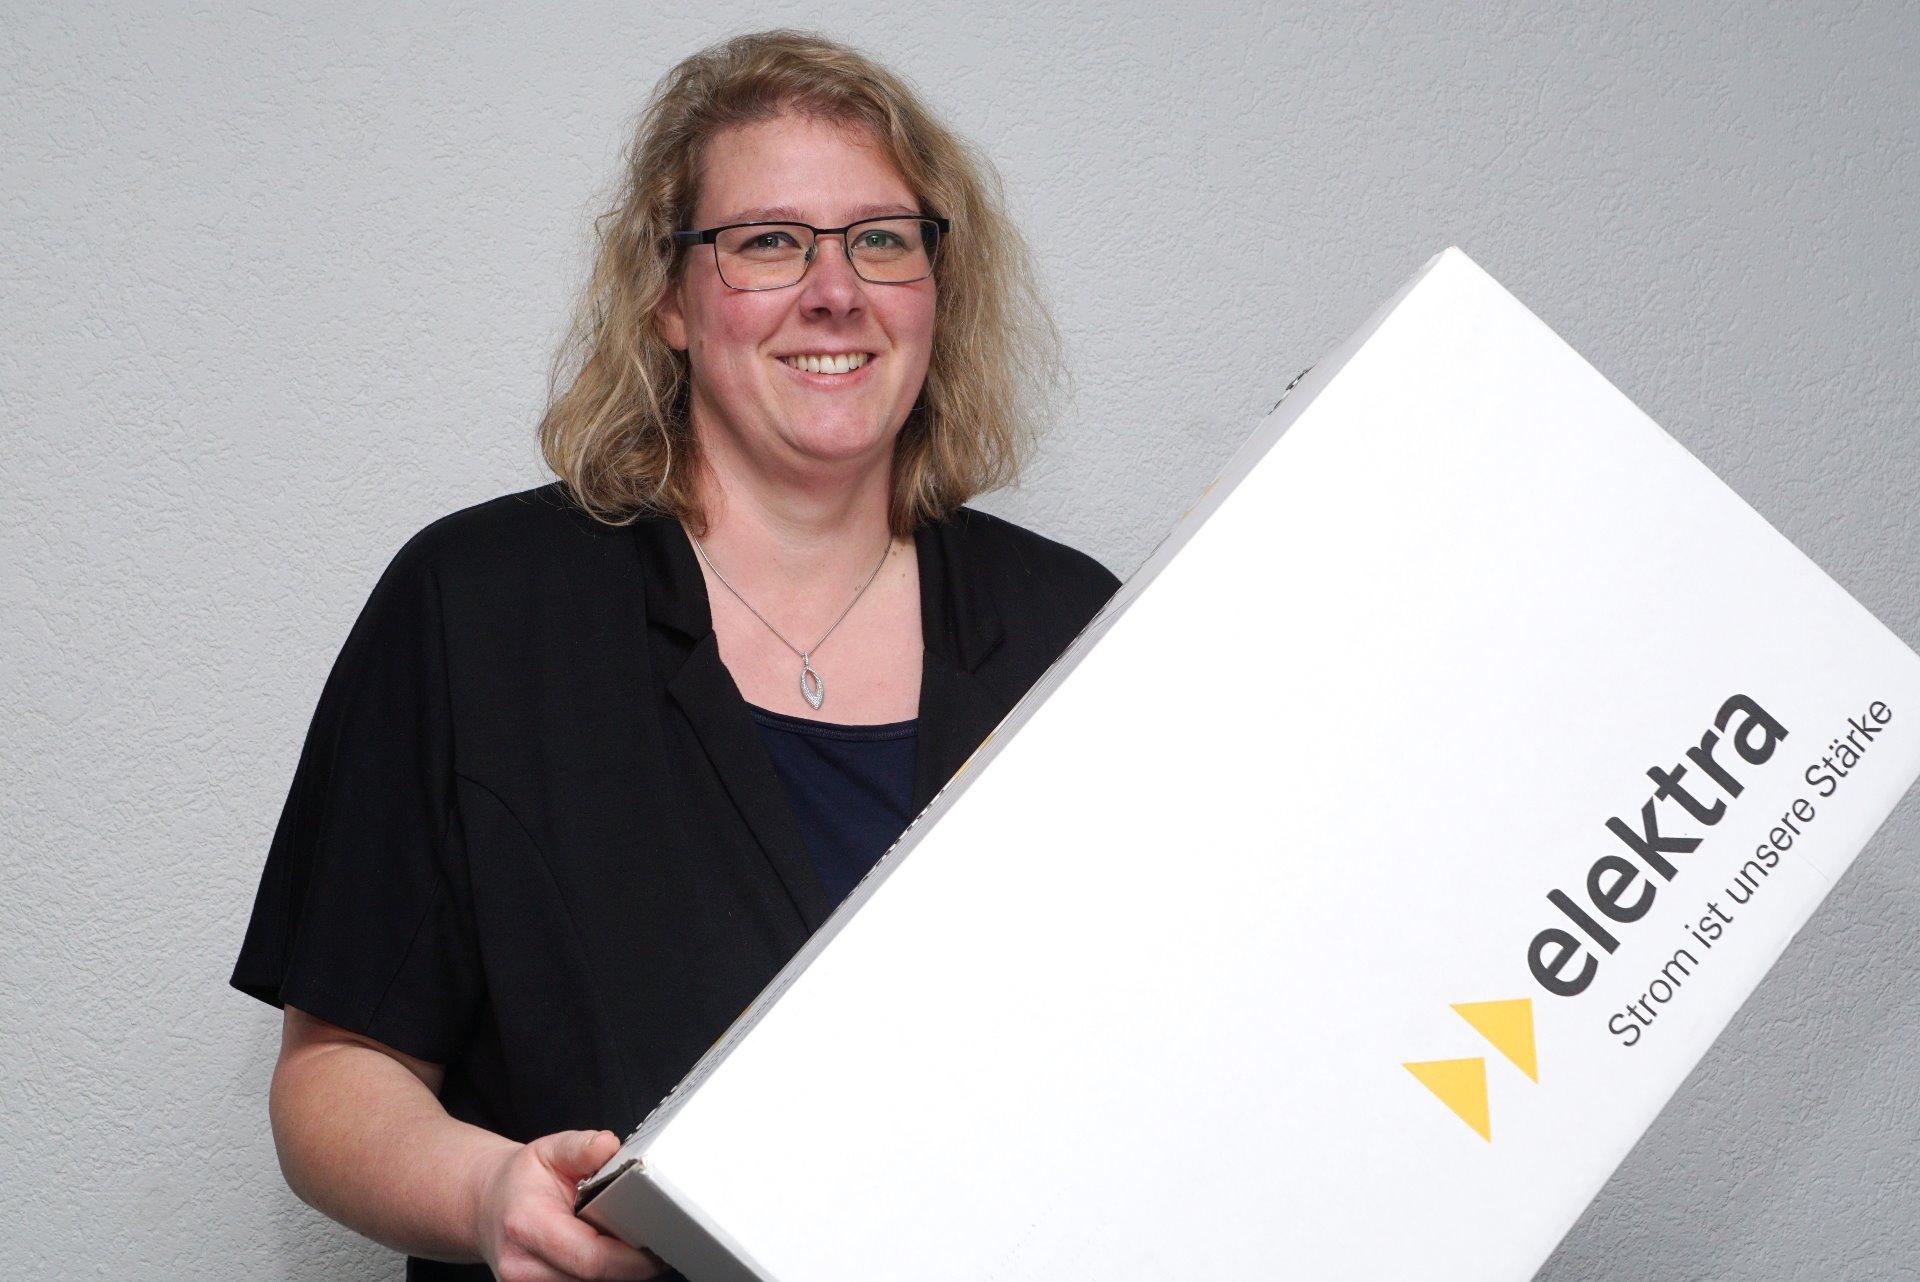 Corinne Christen, Technische Mitarbeiterin Verteilnetz